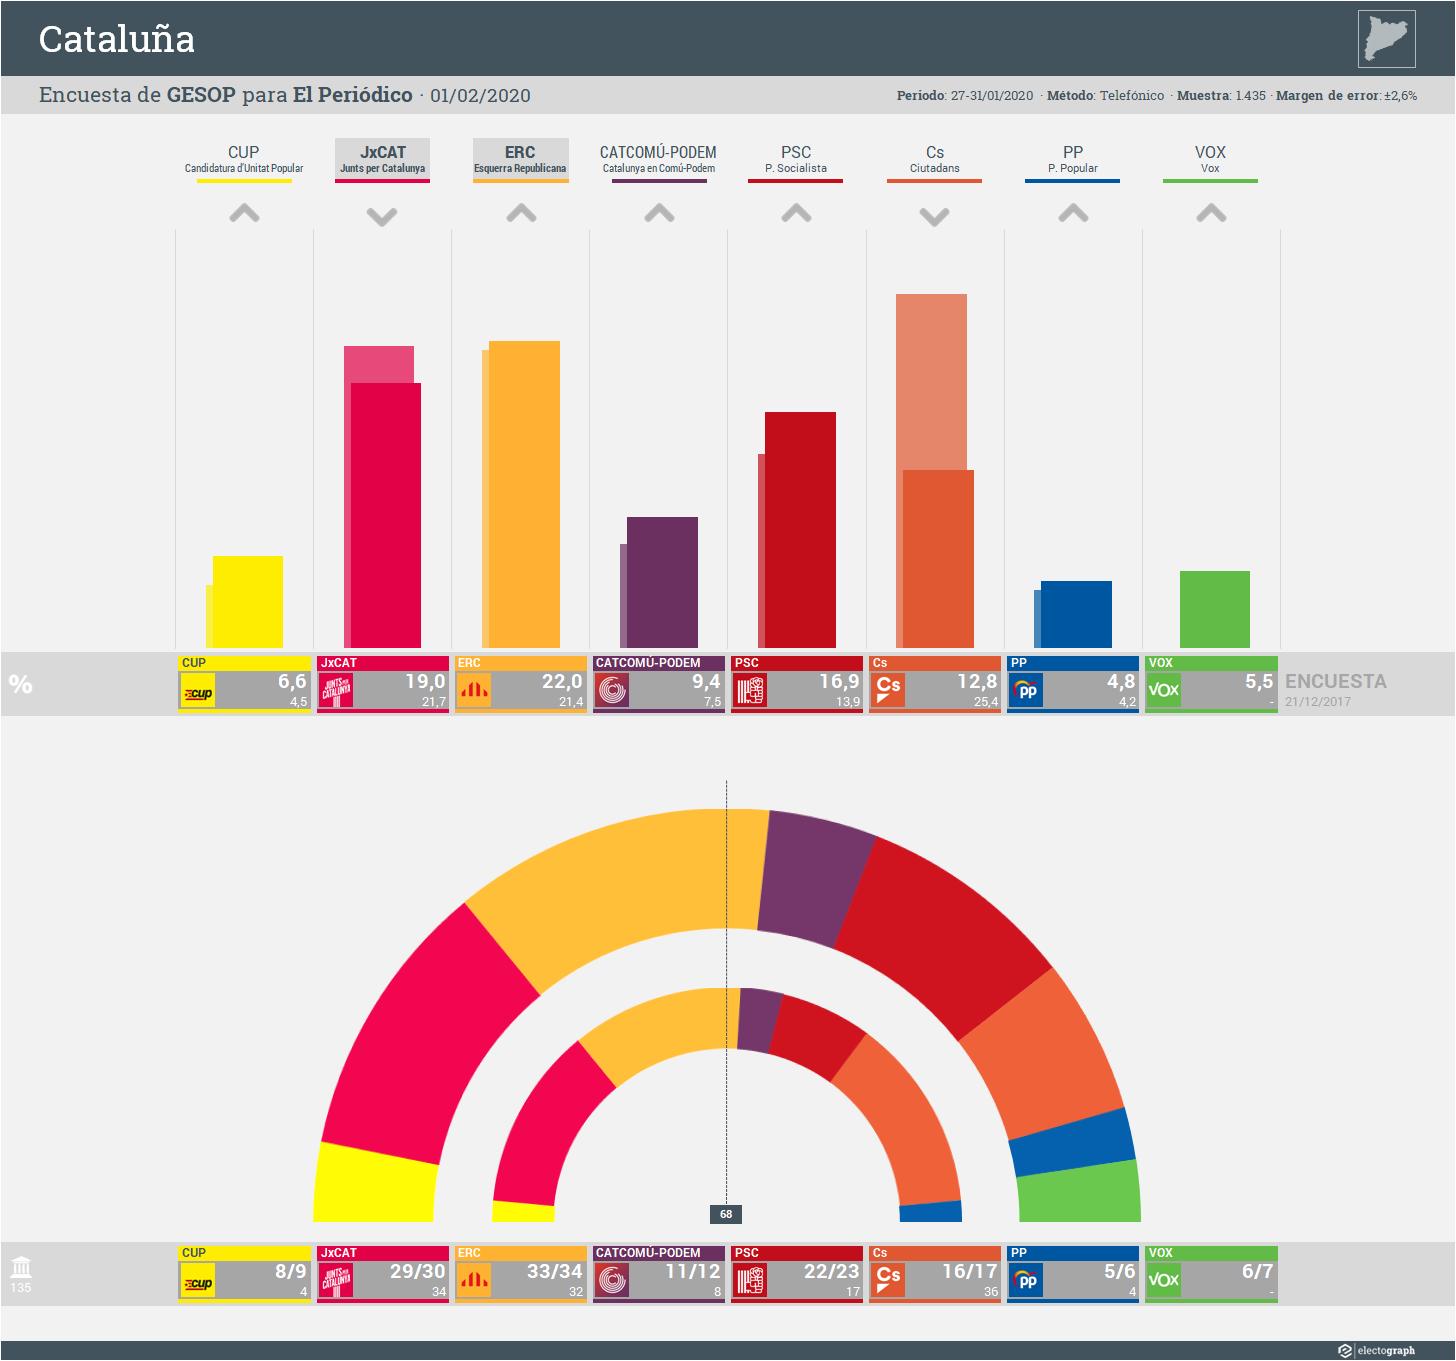 Gráfico de la encuesta para elecciones autonómicas en Cataluña realizada por GESOP para El Periódico, 1 de febrero de 2020